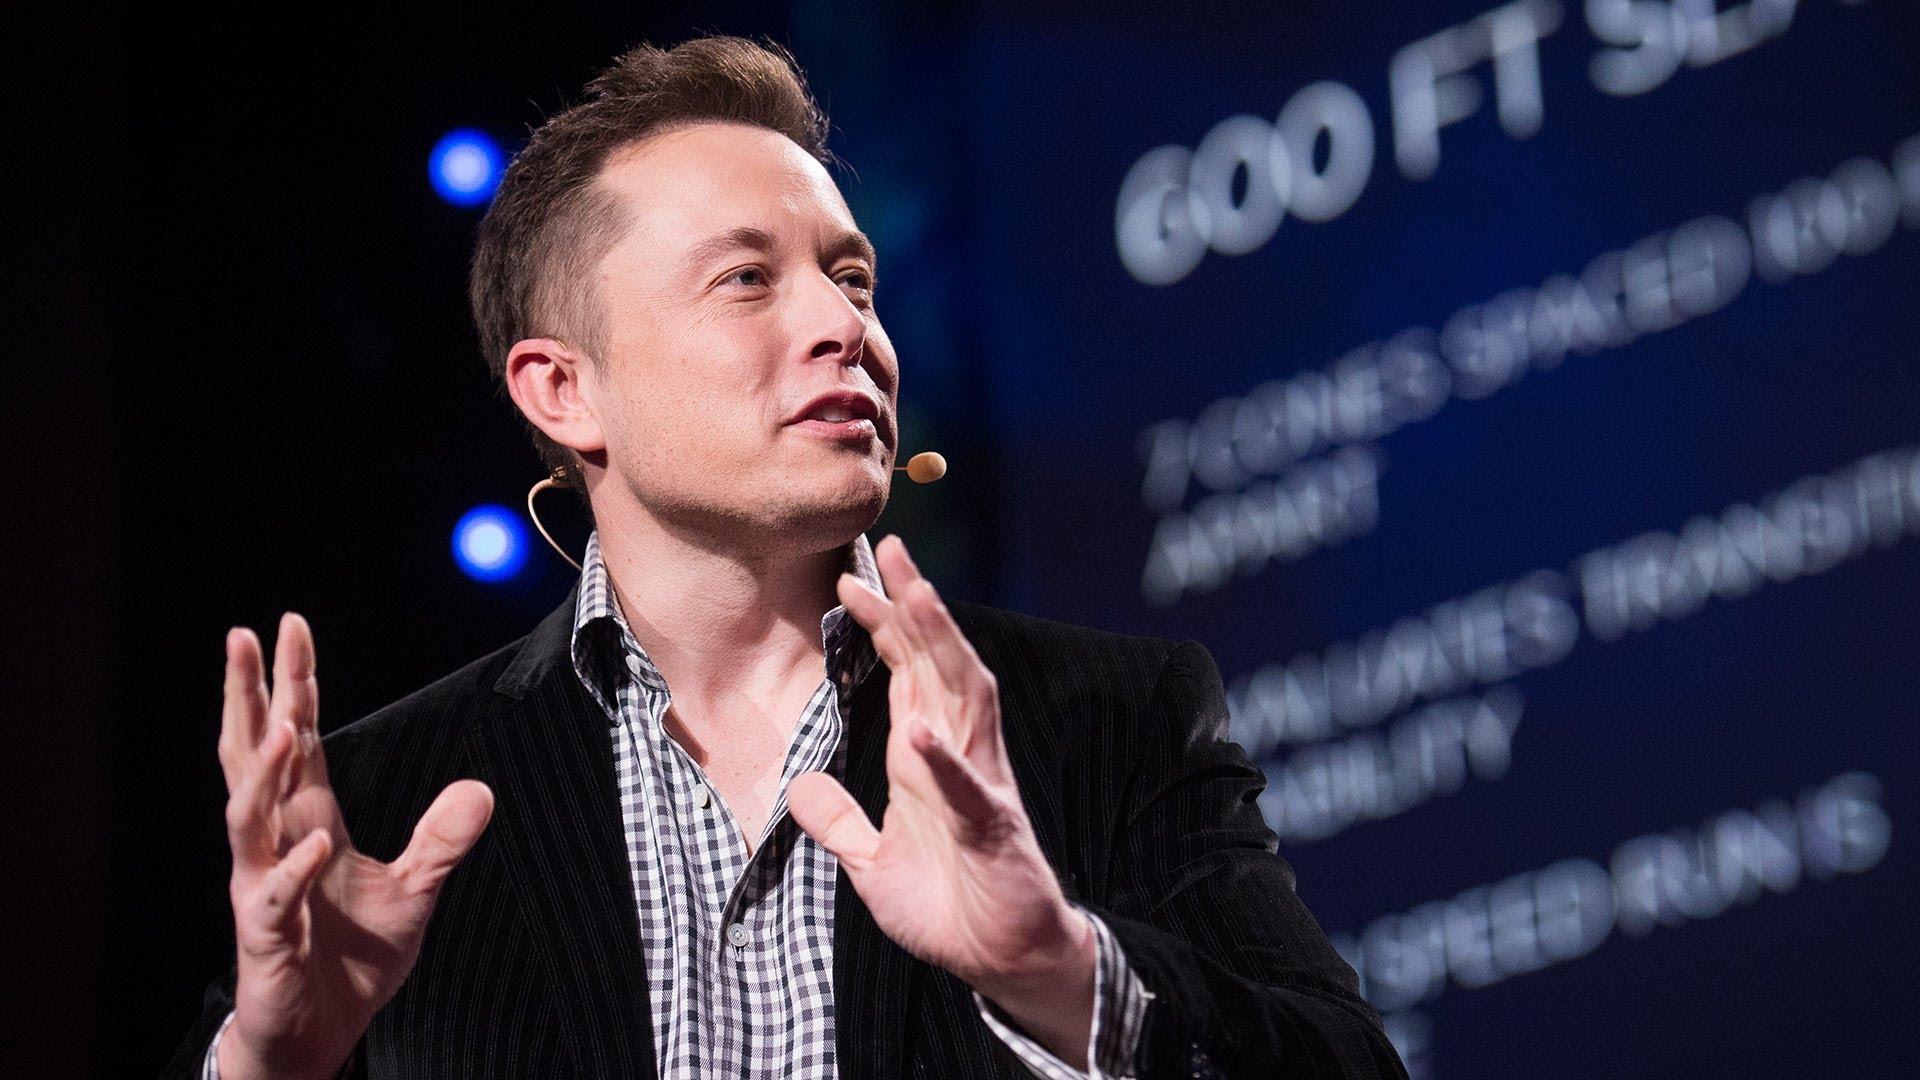 Elon Musk Computer Wallpaper 295 1920x1080 Px